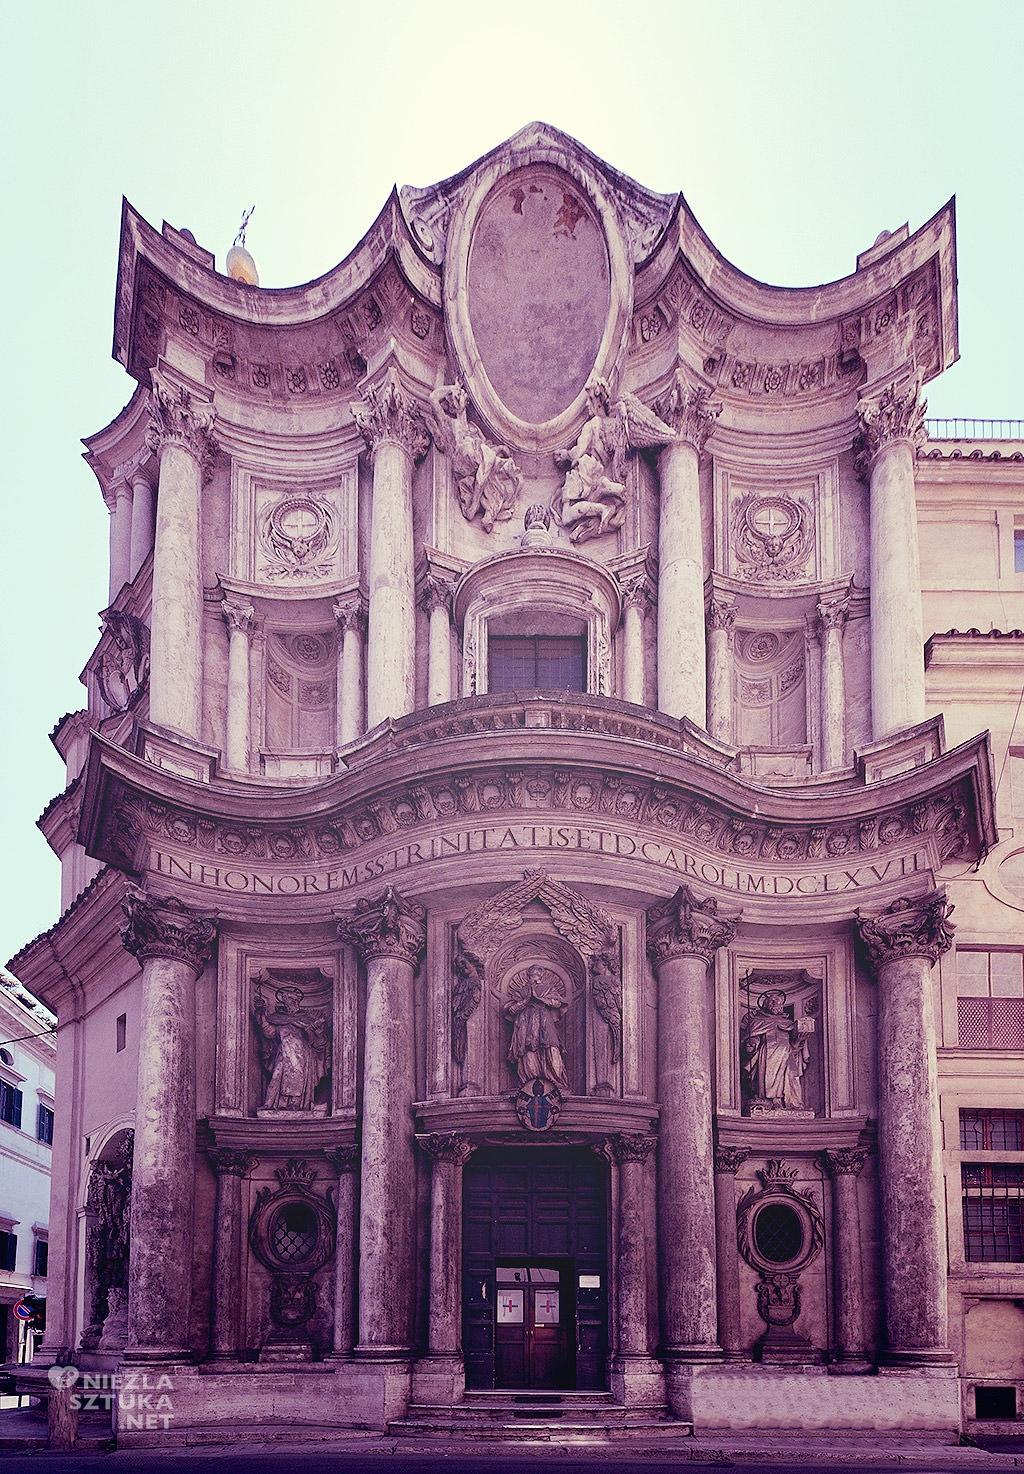 Kościół San Carlo alle Quattro Fontane, Rzym, Włochy sztuka, Włochy zabytki, architektura, Niezła sztuka